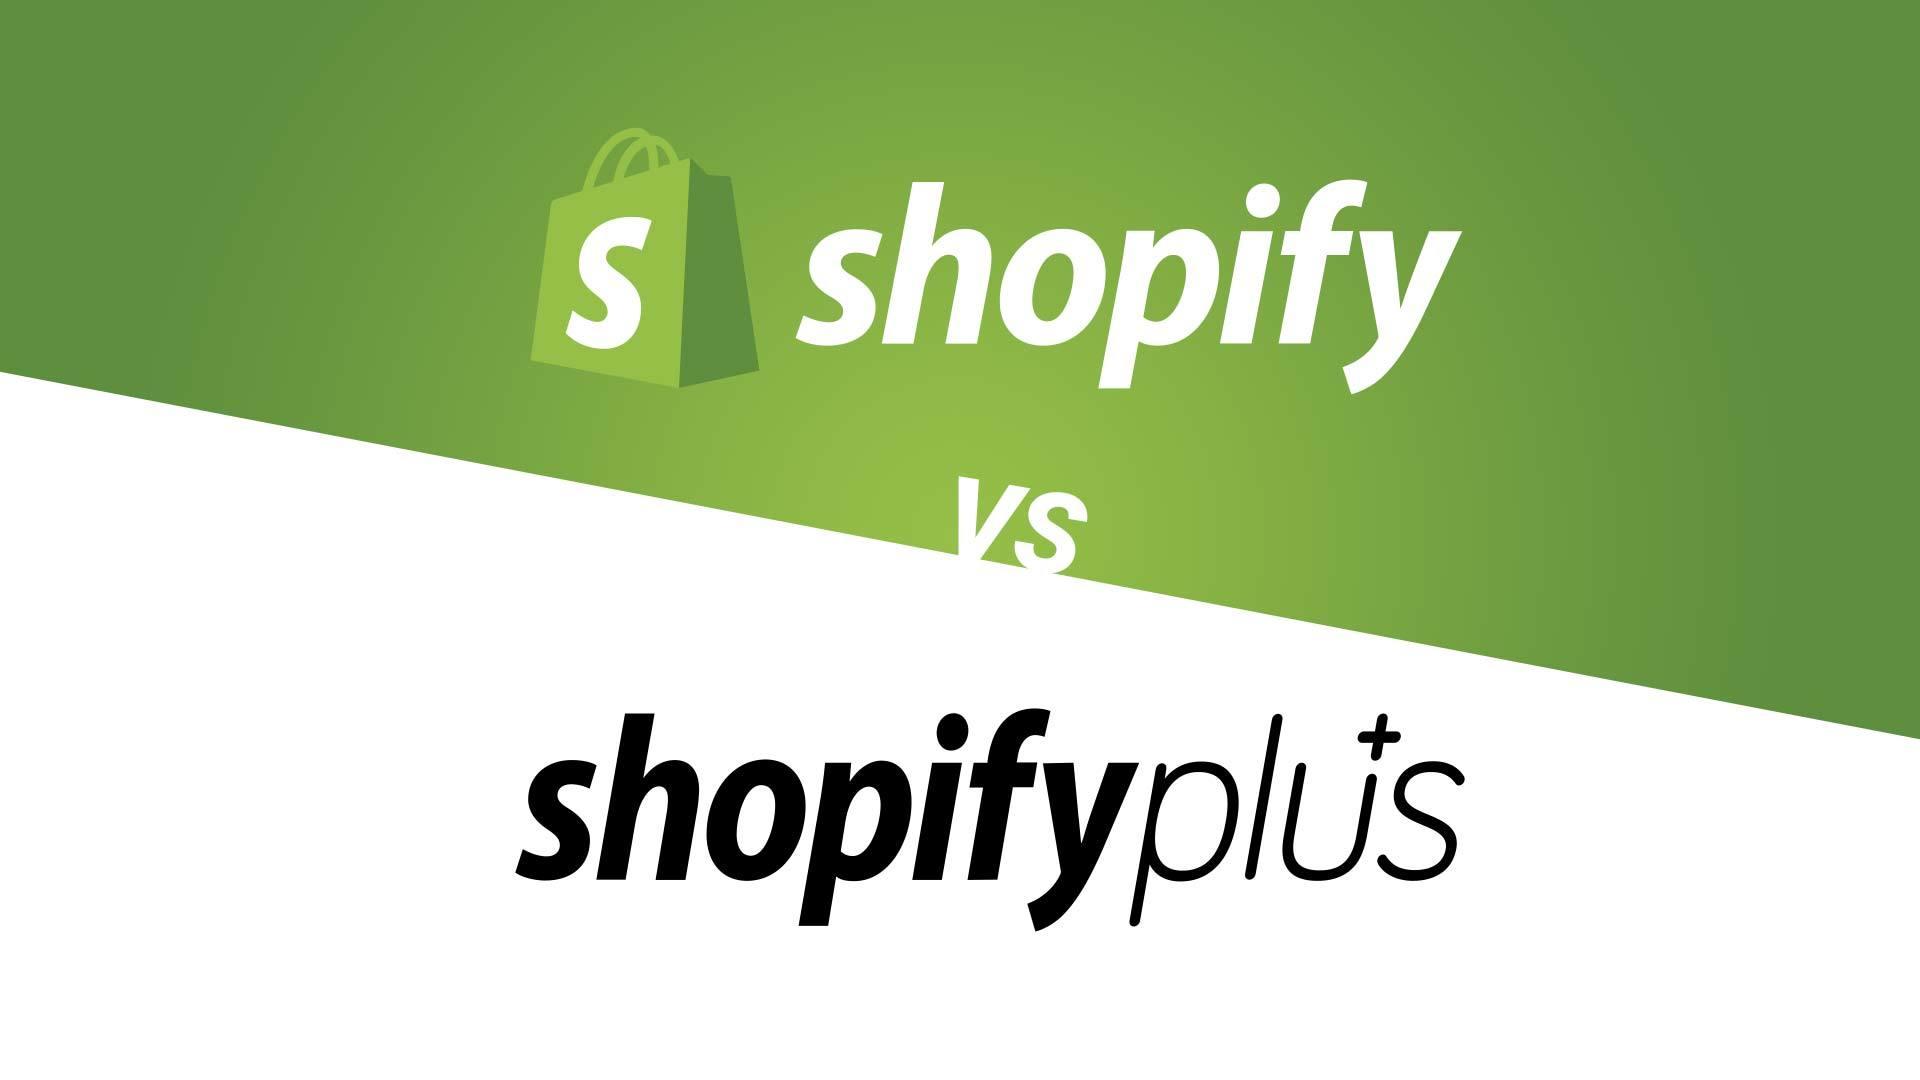 shopify-vs-shopify-plus